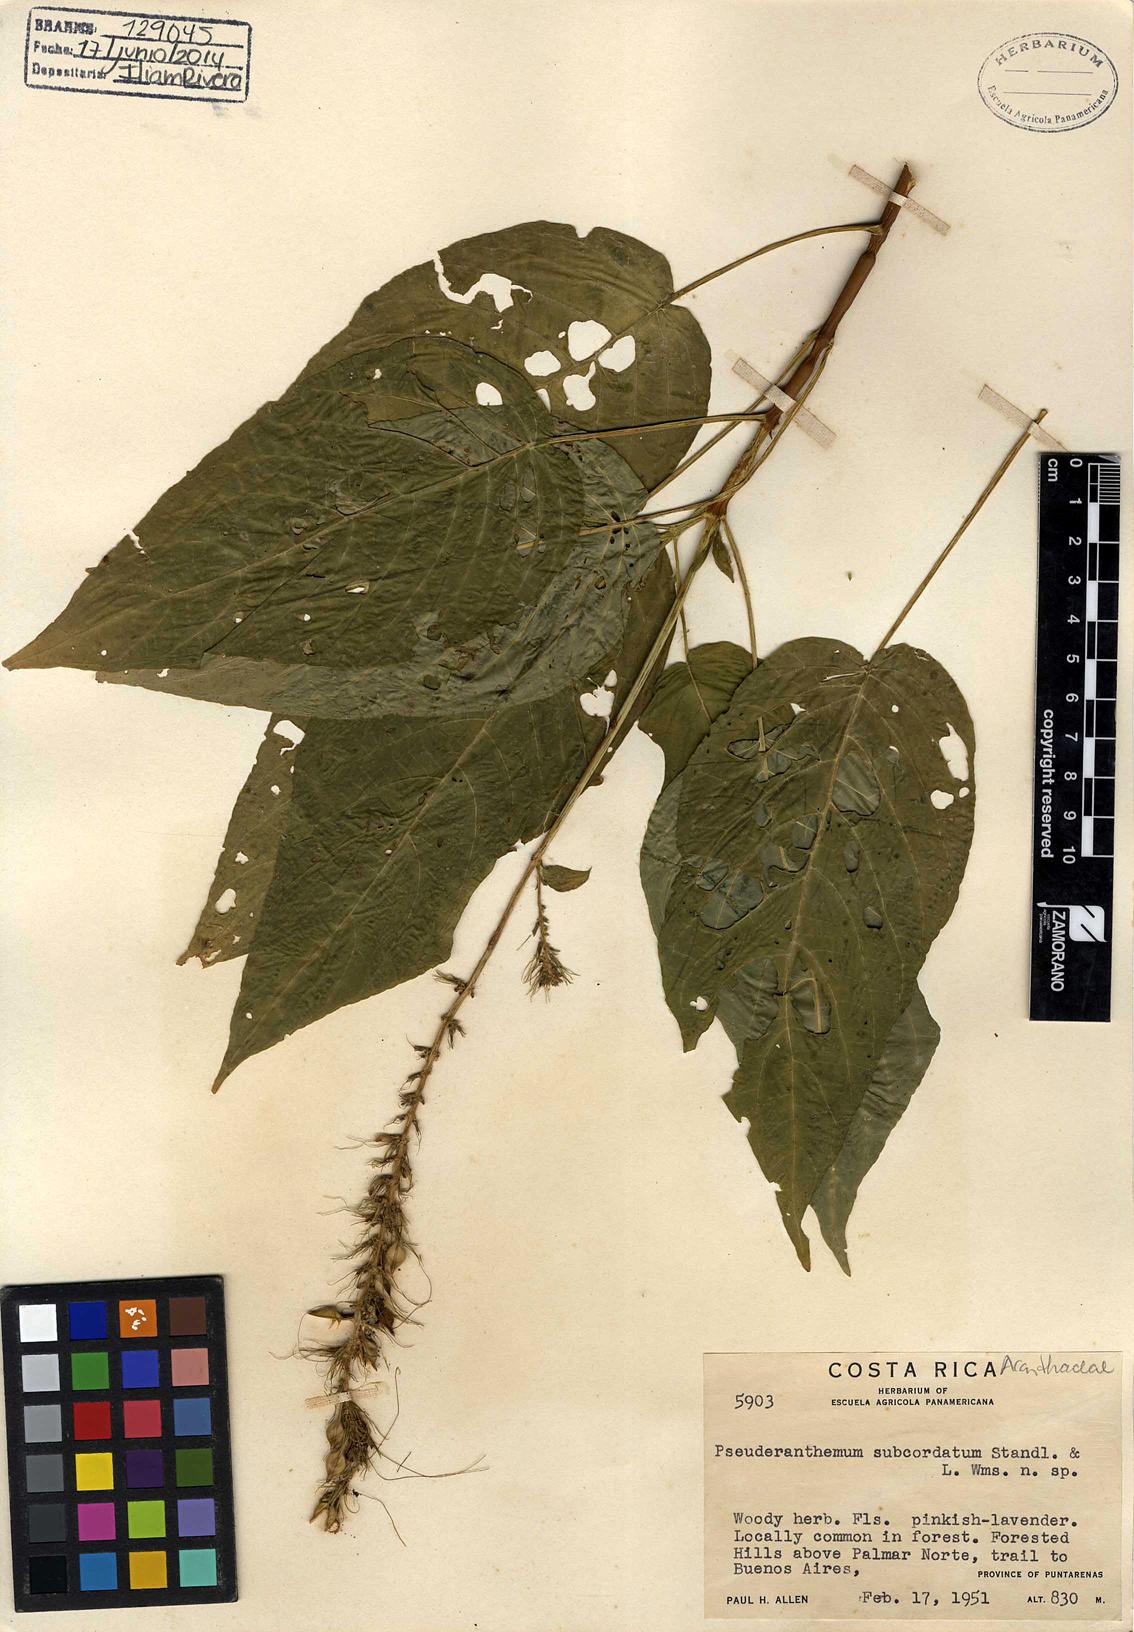 Pseuderanthemum subcordatum L. Wms. n. sp.